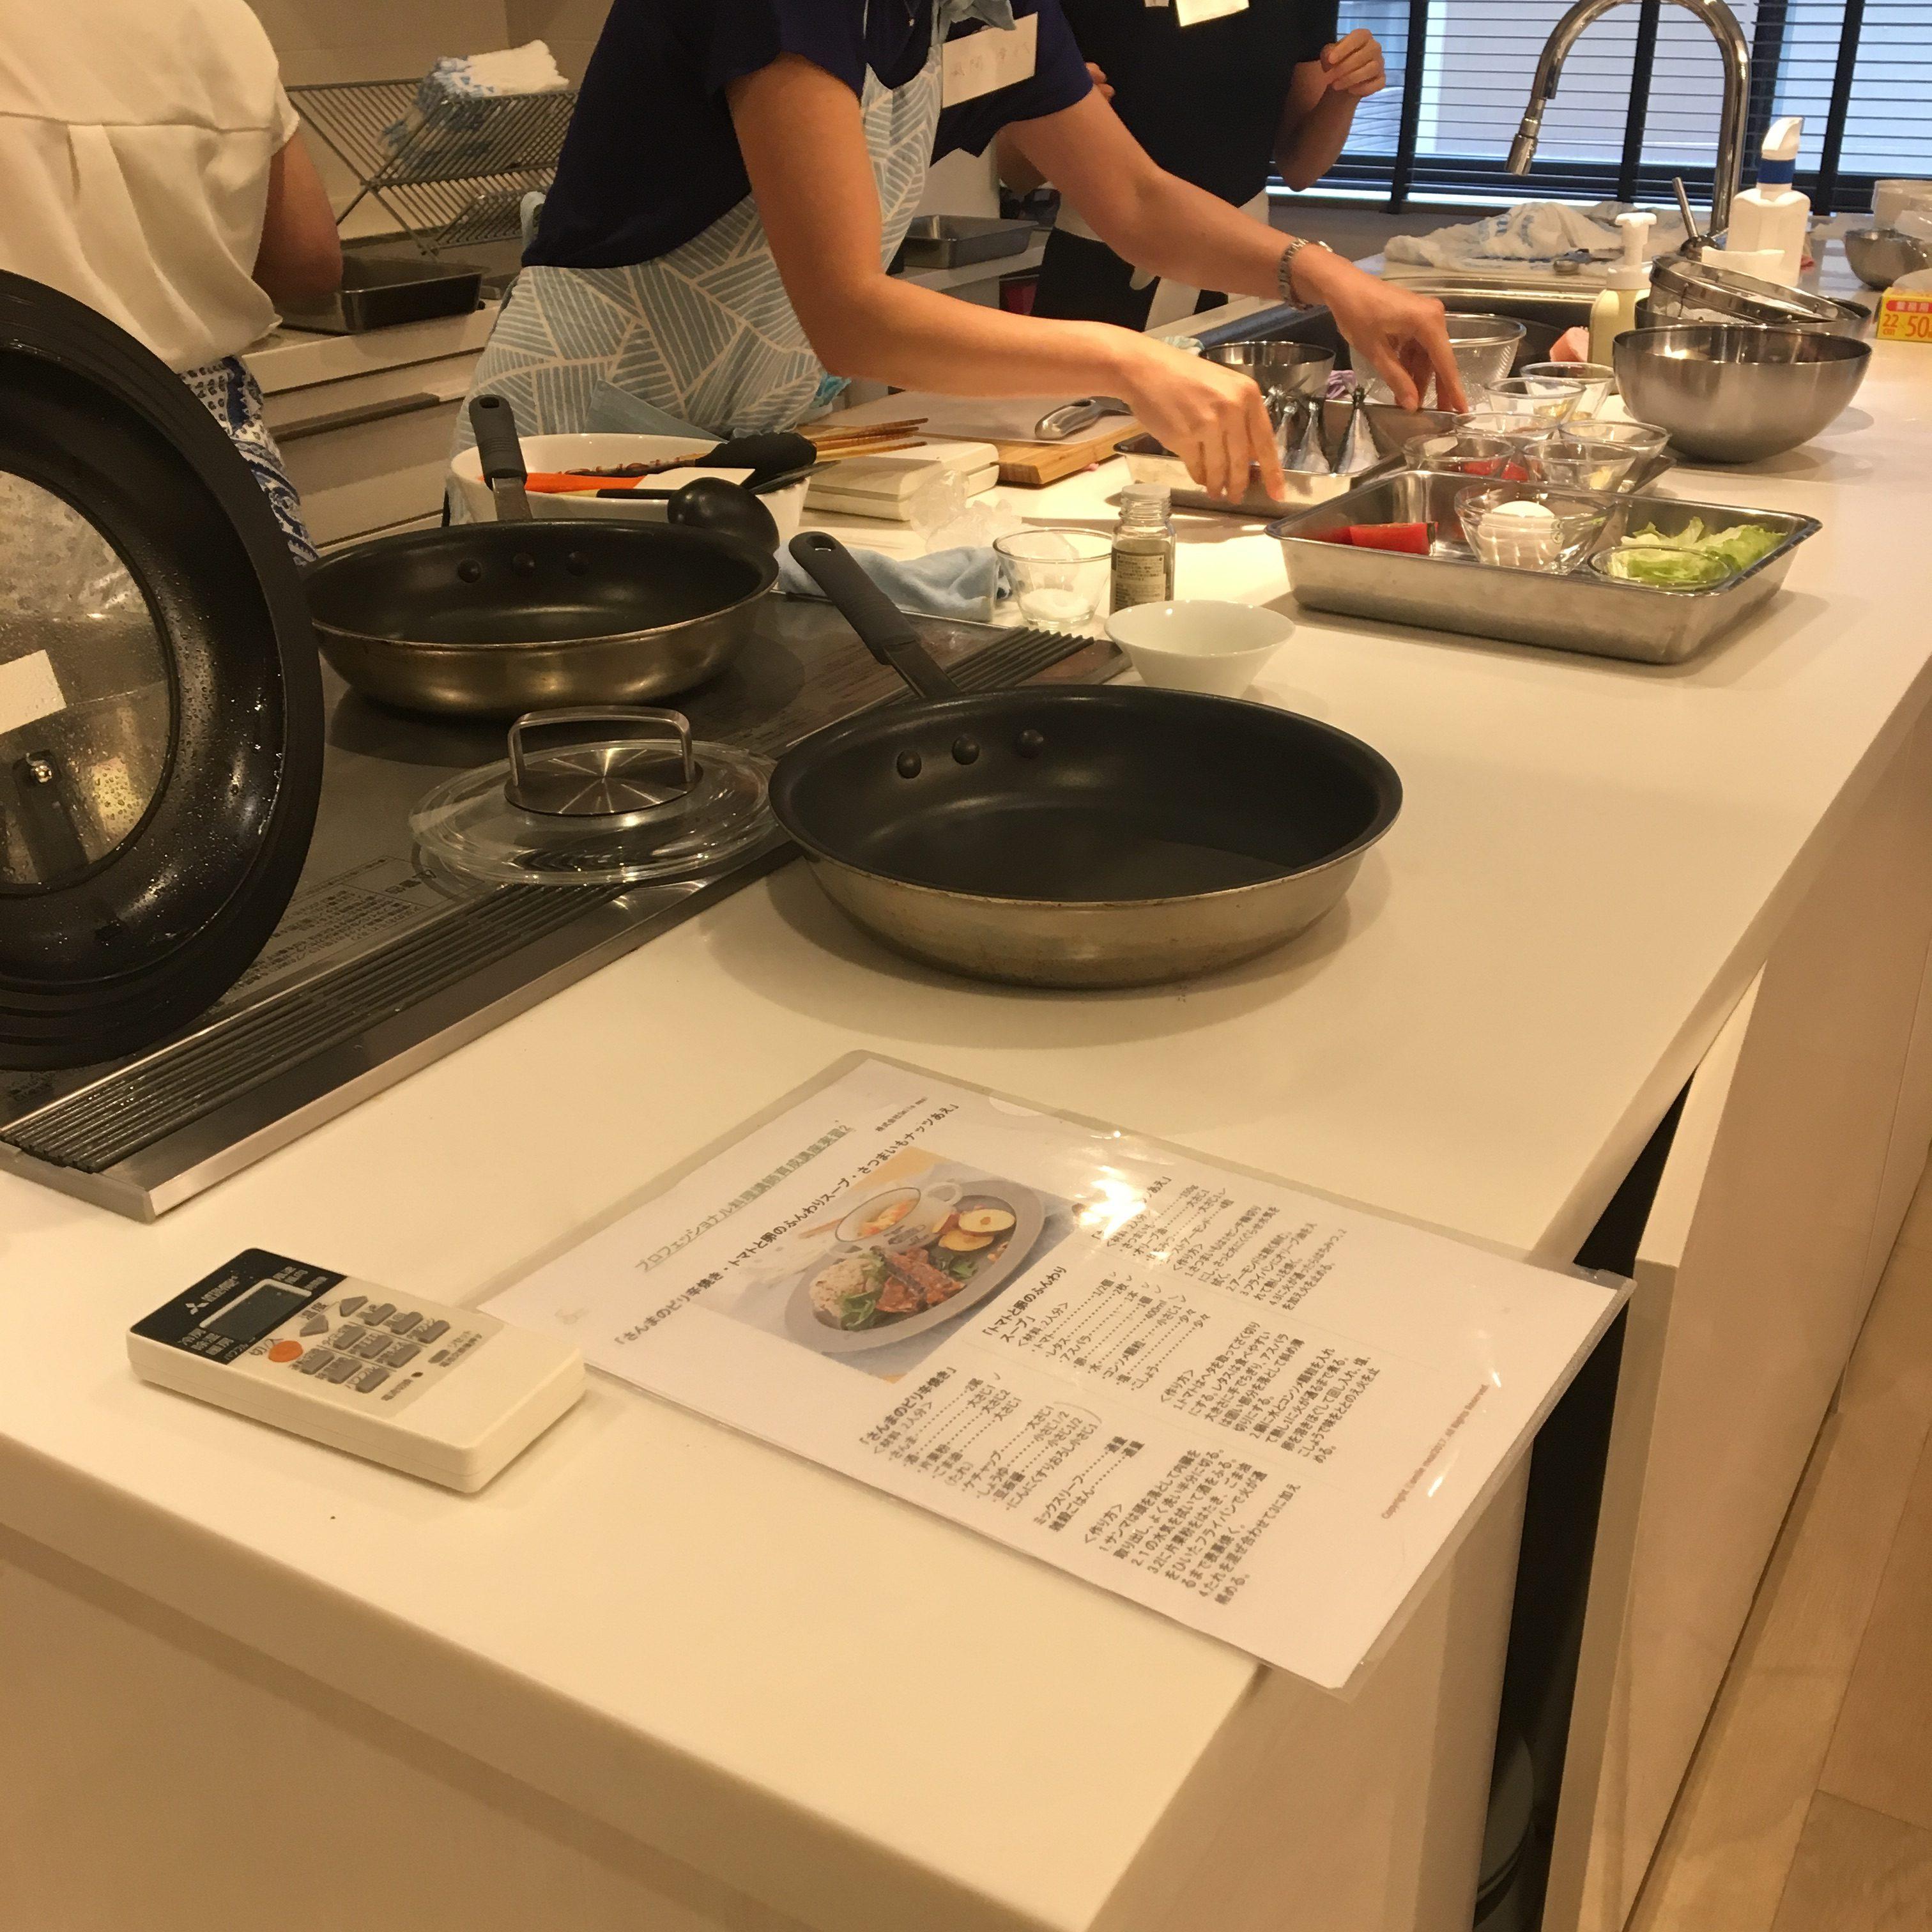 【第2期プロフェッショナル料理講師育成講座】よりわかりやすい料理デモと教室のポイント